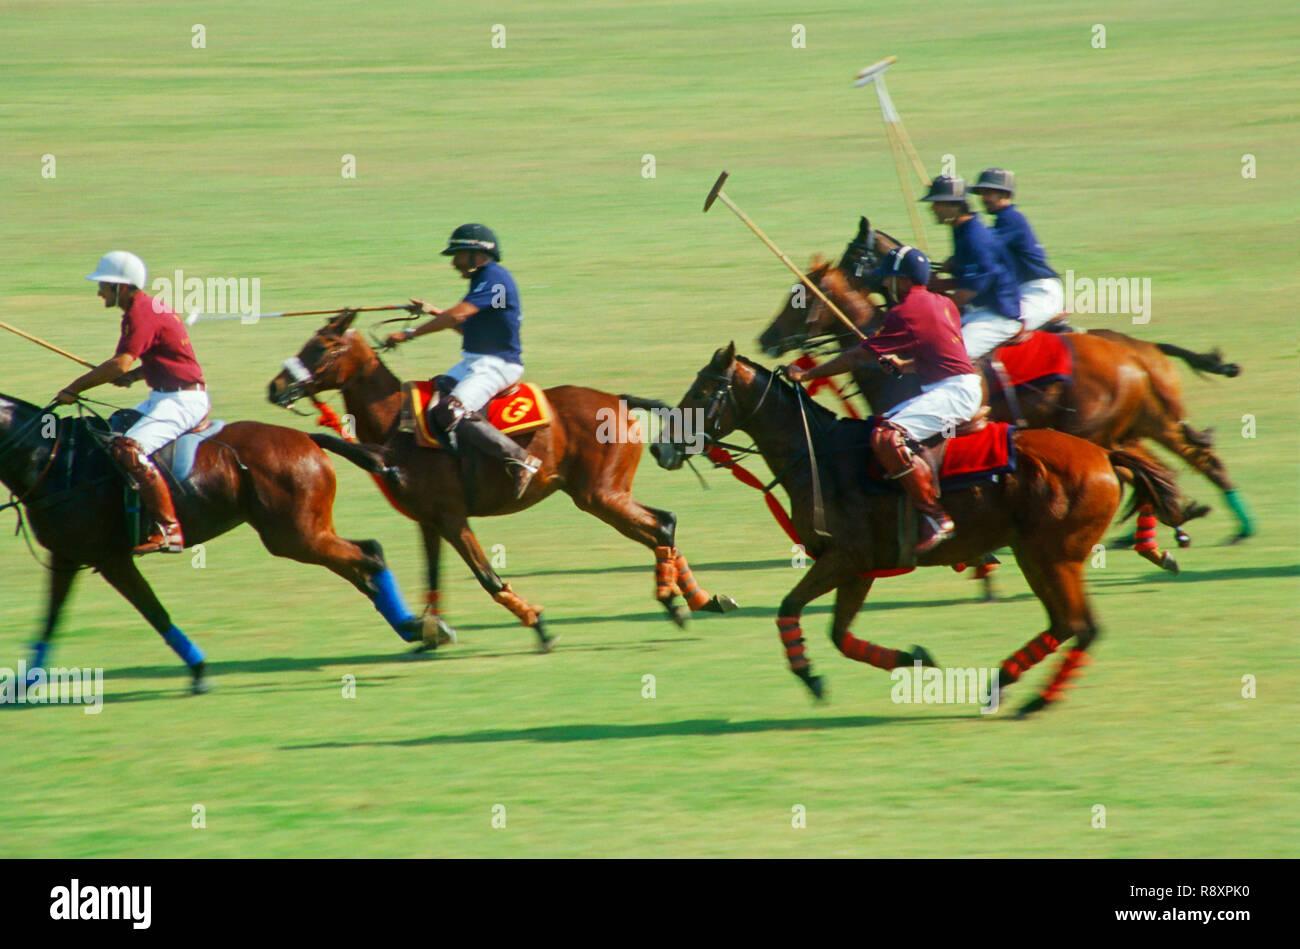 Polo - Stock Image